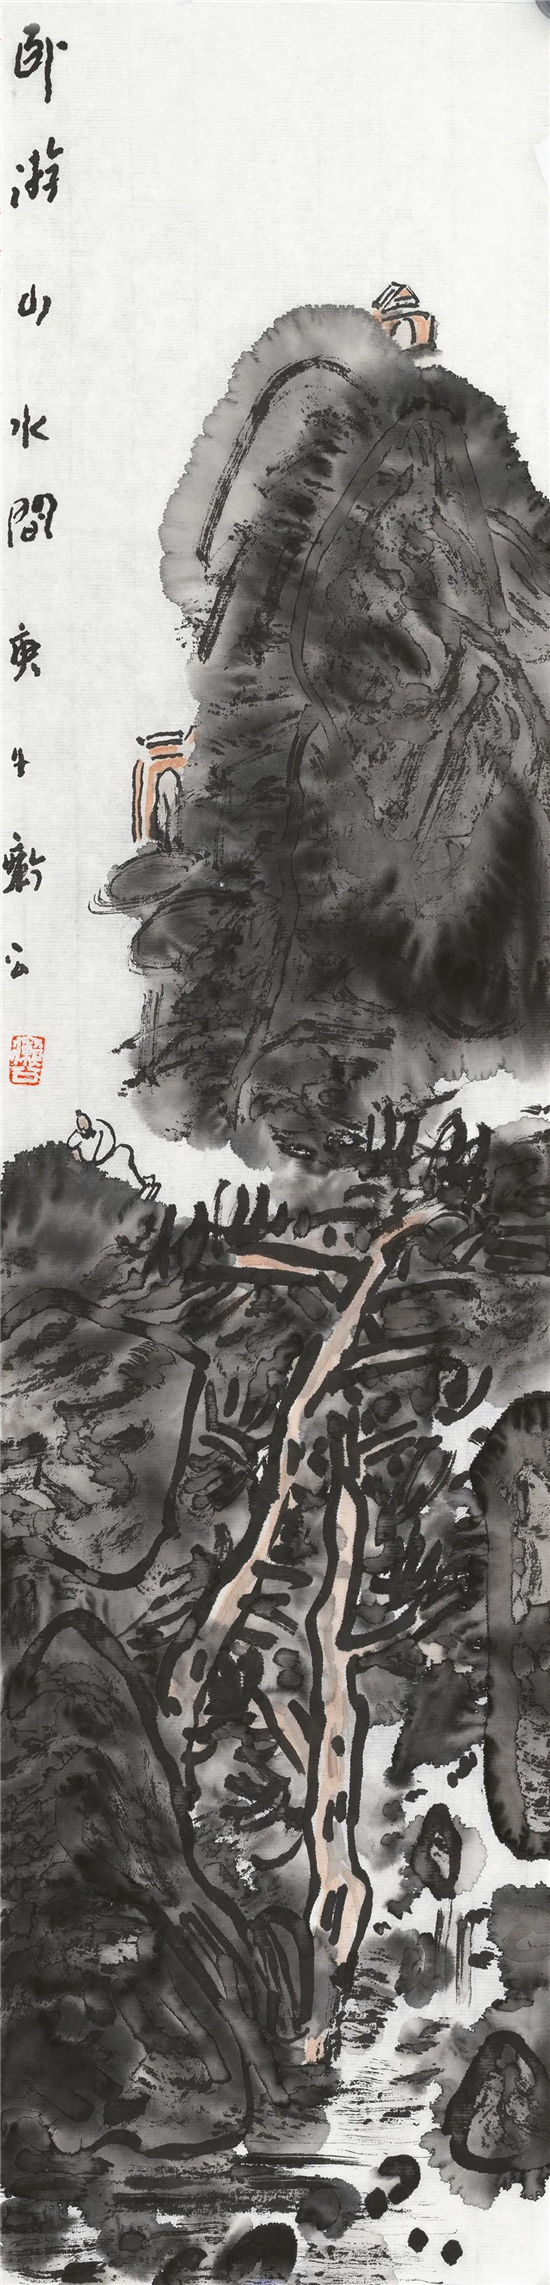 云展览|解衣��礴-魏维果国画作品全国巡展